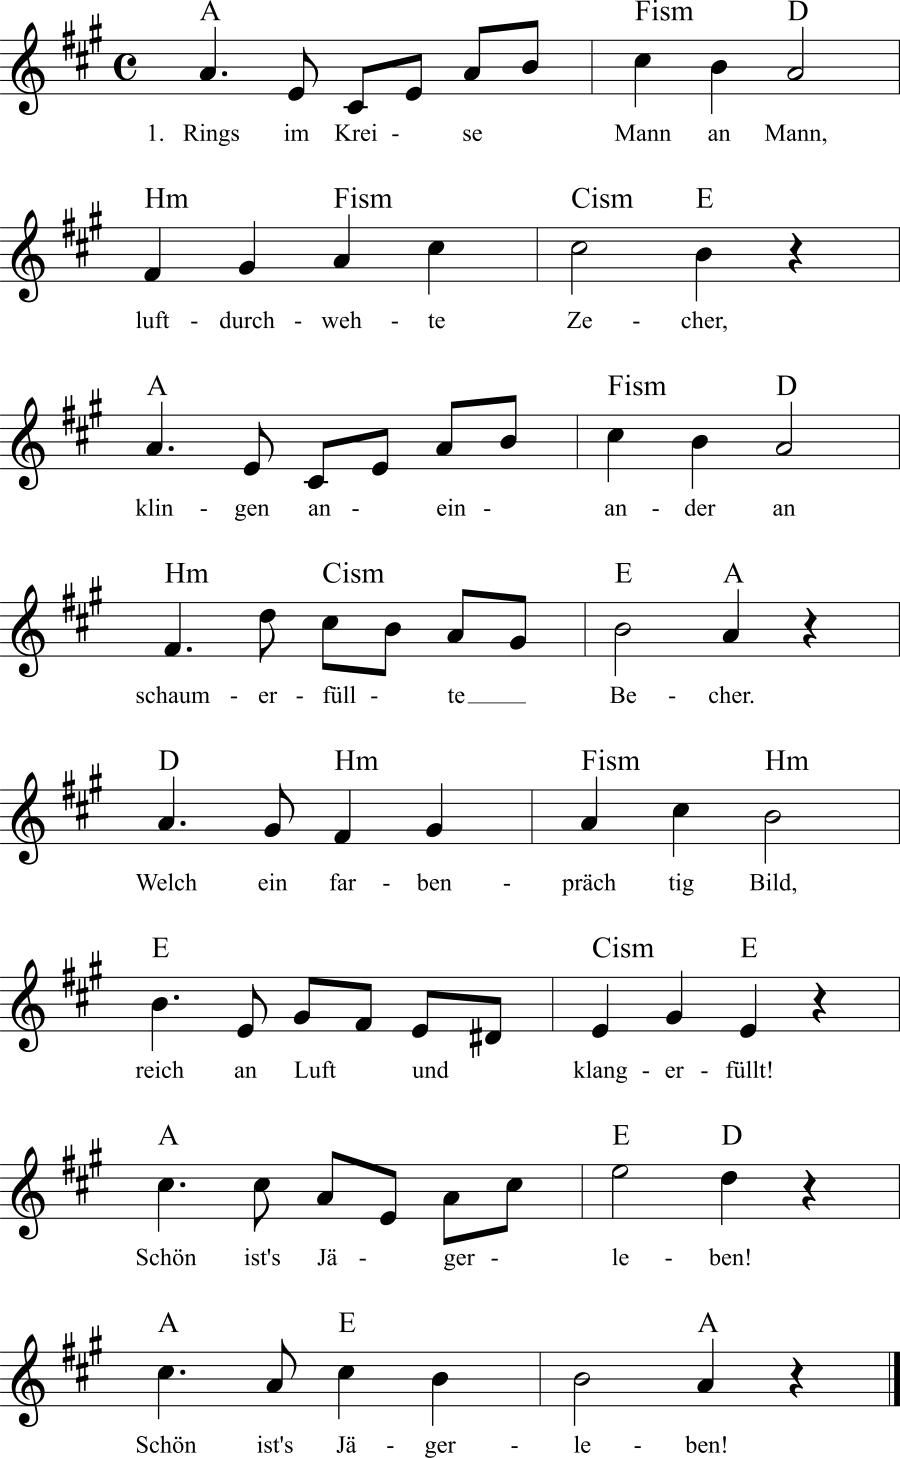 Musiknoten zum Lied Nach der Jagd